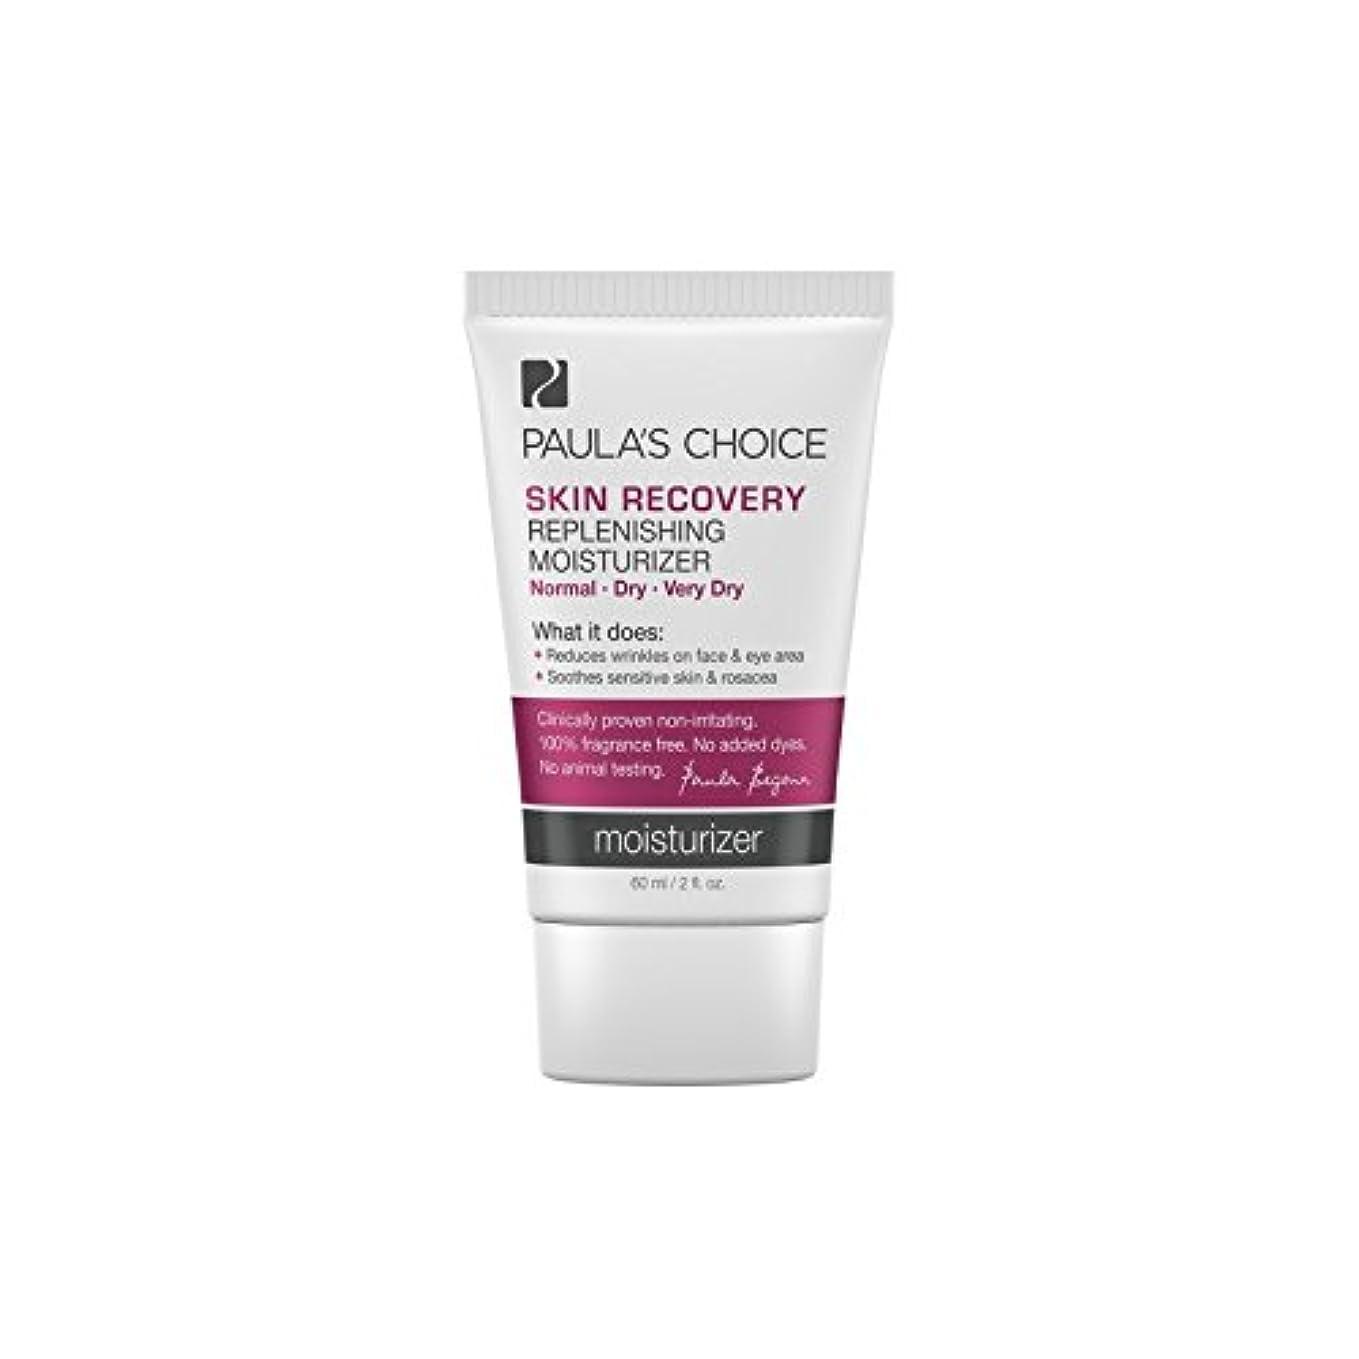 存在する踏みつけテレビを見るポーラチョイスの肌の回復補充保湿(60ミリリットル) x4 - Paula's Choice Skin Recovery Replenishing Moisturizer (60ml) (Pack of 4) [並行輸入品]